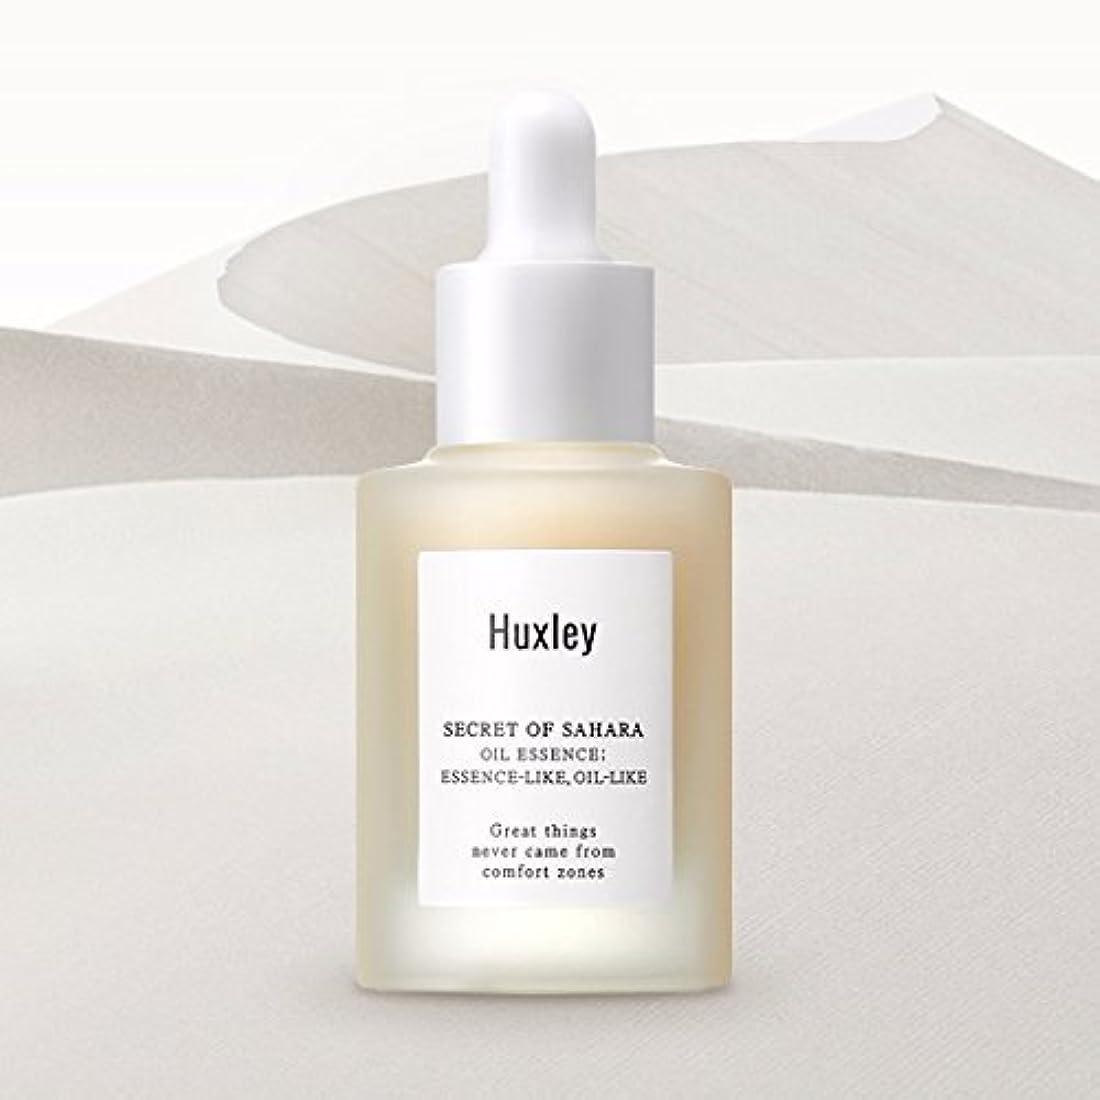 アレルギー合わせてスーダンハクスリー サハラ砂漠の秘密オイルエッセンス30ml / Huxley Secret of Sahara OIL Essence (Essence-Like, Oil-Like) 30ml (1.01fl.oz.) Made...